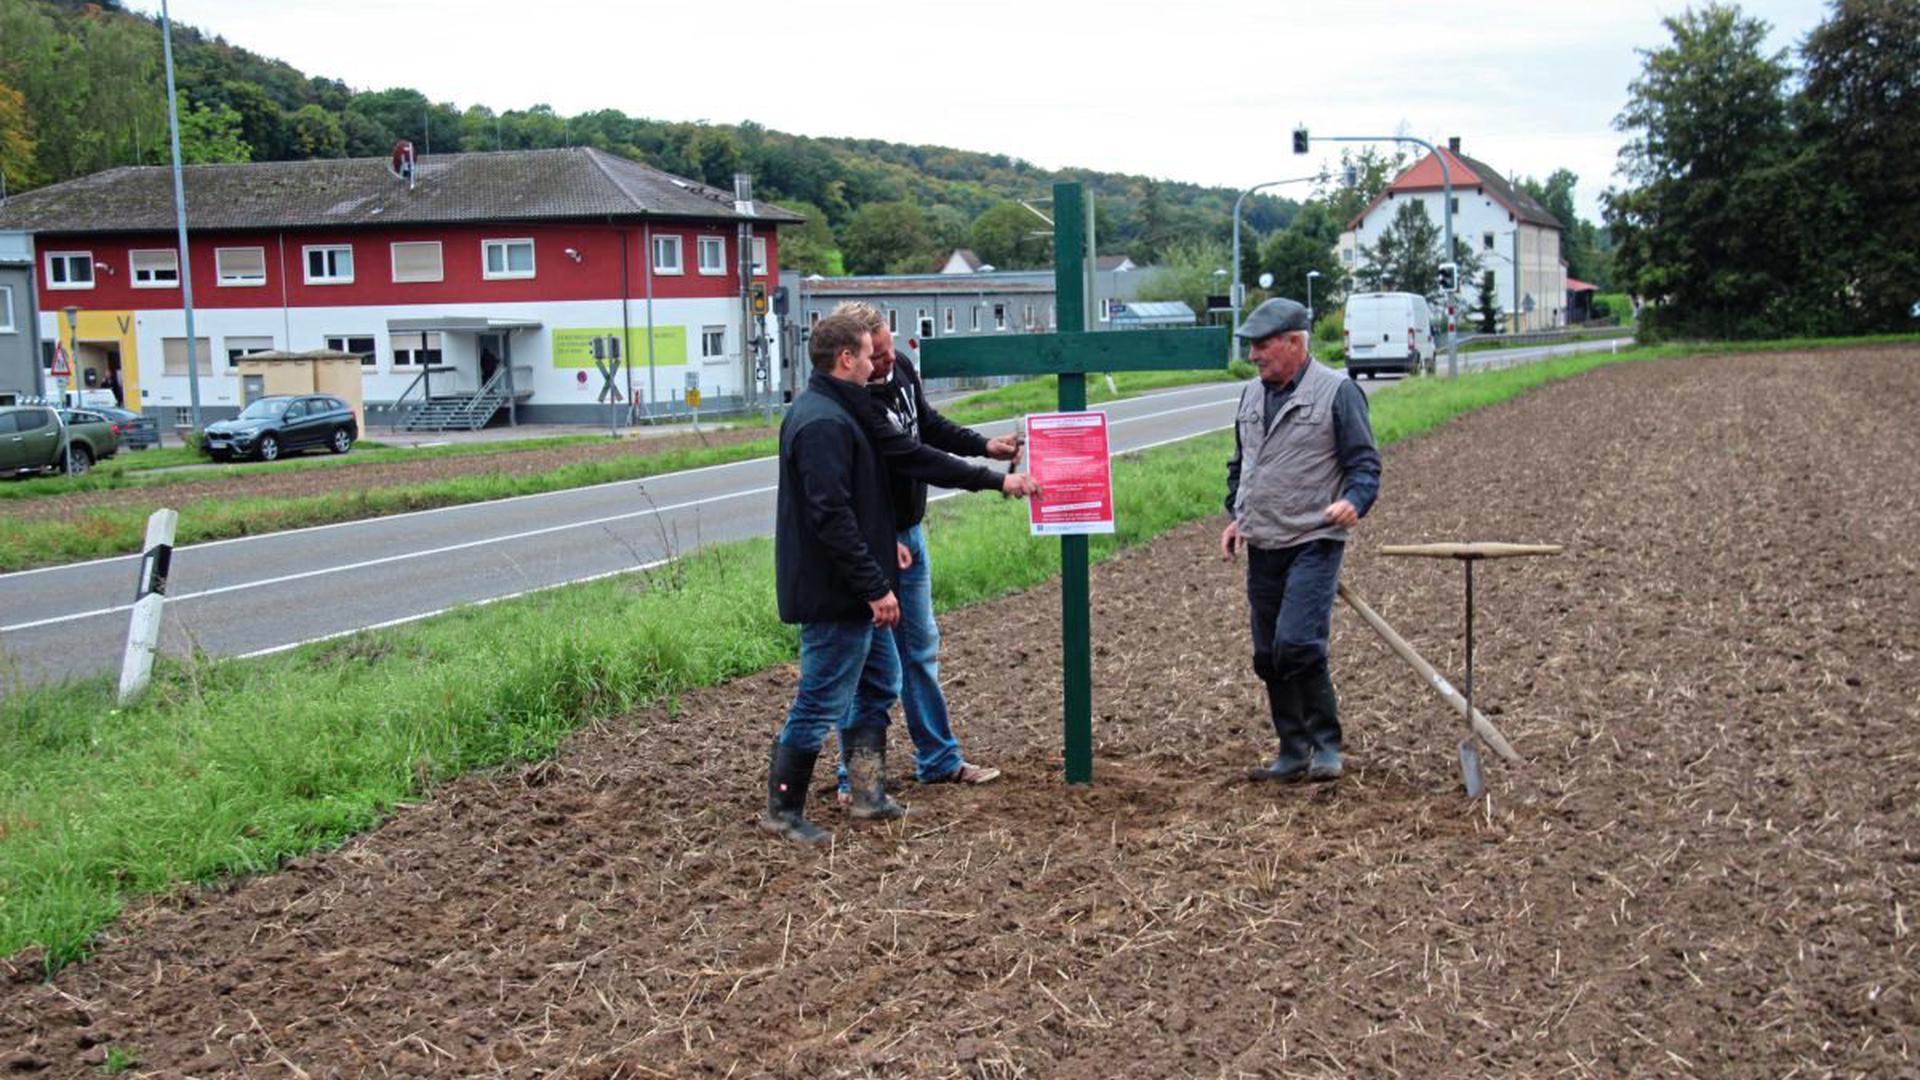 Die Landwirte Werner (rechts) und Jochen Kunz (links) vom Damianushof in Zeutern und Andreas Schlicht (Mitte), Obstbauer und Vorsitzender der Winzergenossenschaft Zeutern, stellen ein grünes Kreuz, um gegen die Forderungen des Volksbegehrens sichtbar zu protestieren.